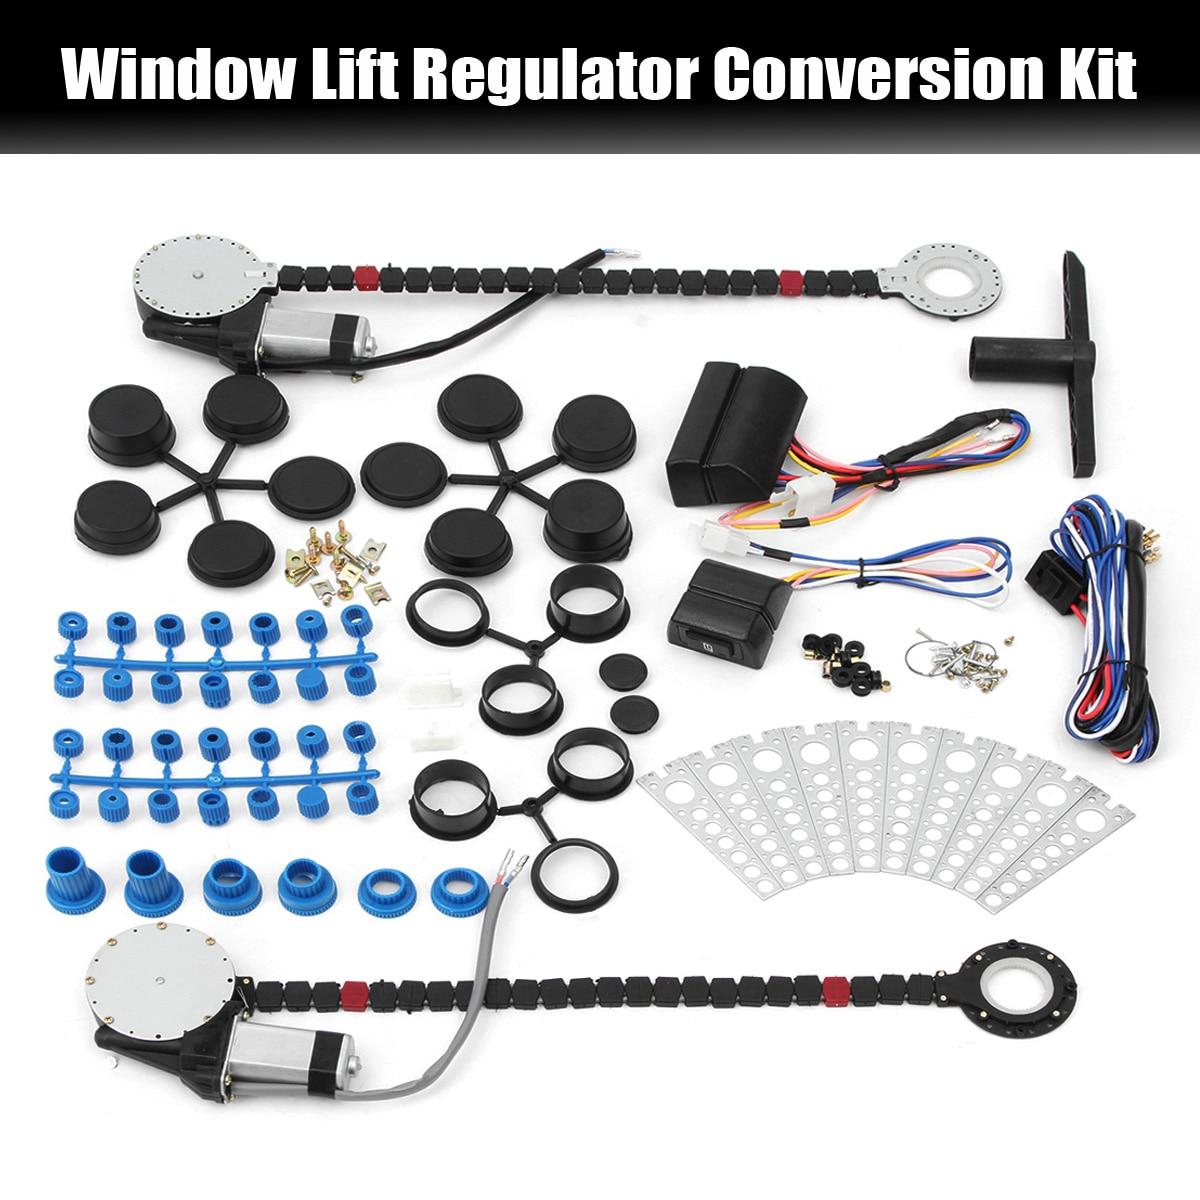 2 porte Voiture Pick-Up Électrique Universel Puissance lève-vitre lève-Vitre Électrique Régulateur Kit de Conversion